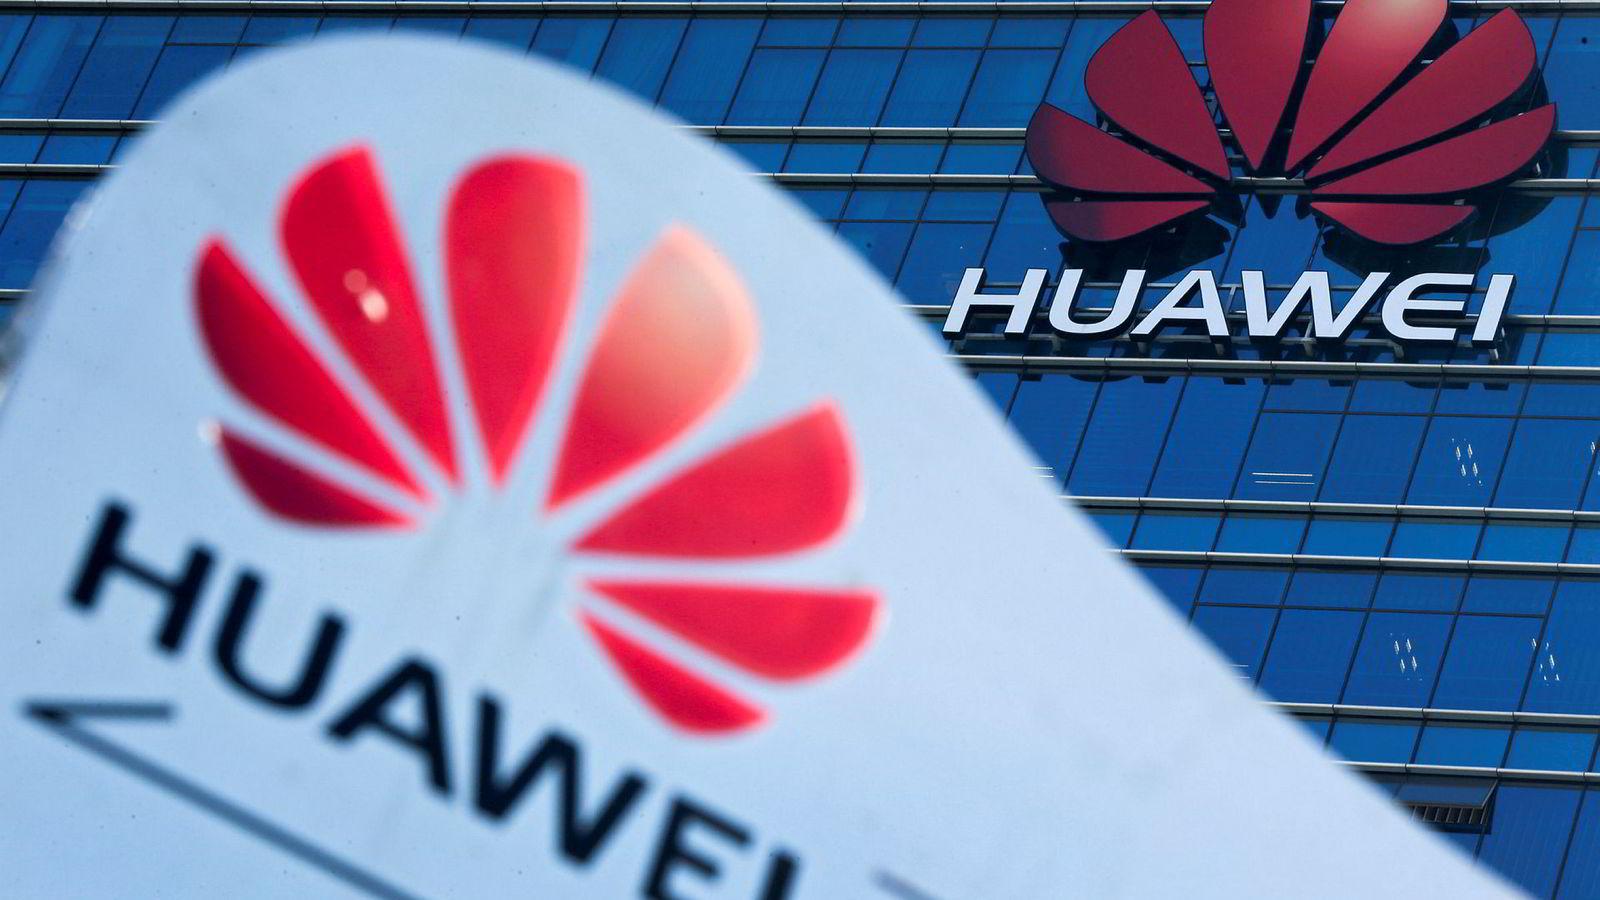 Huawei blir fra mange hold, blant annet USA, anklaget for å være en forlenget arm for kinesisk etterretning. Sikkerhetseksperter mener imidlertid at trusselen er overdreven.